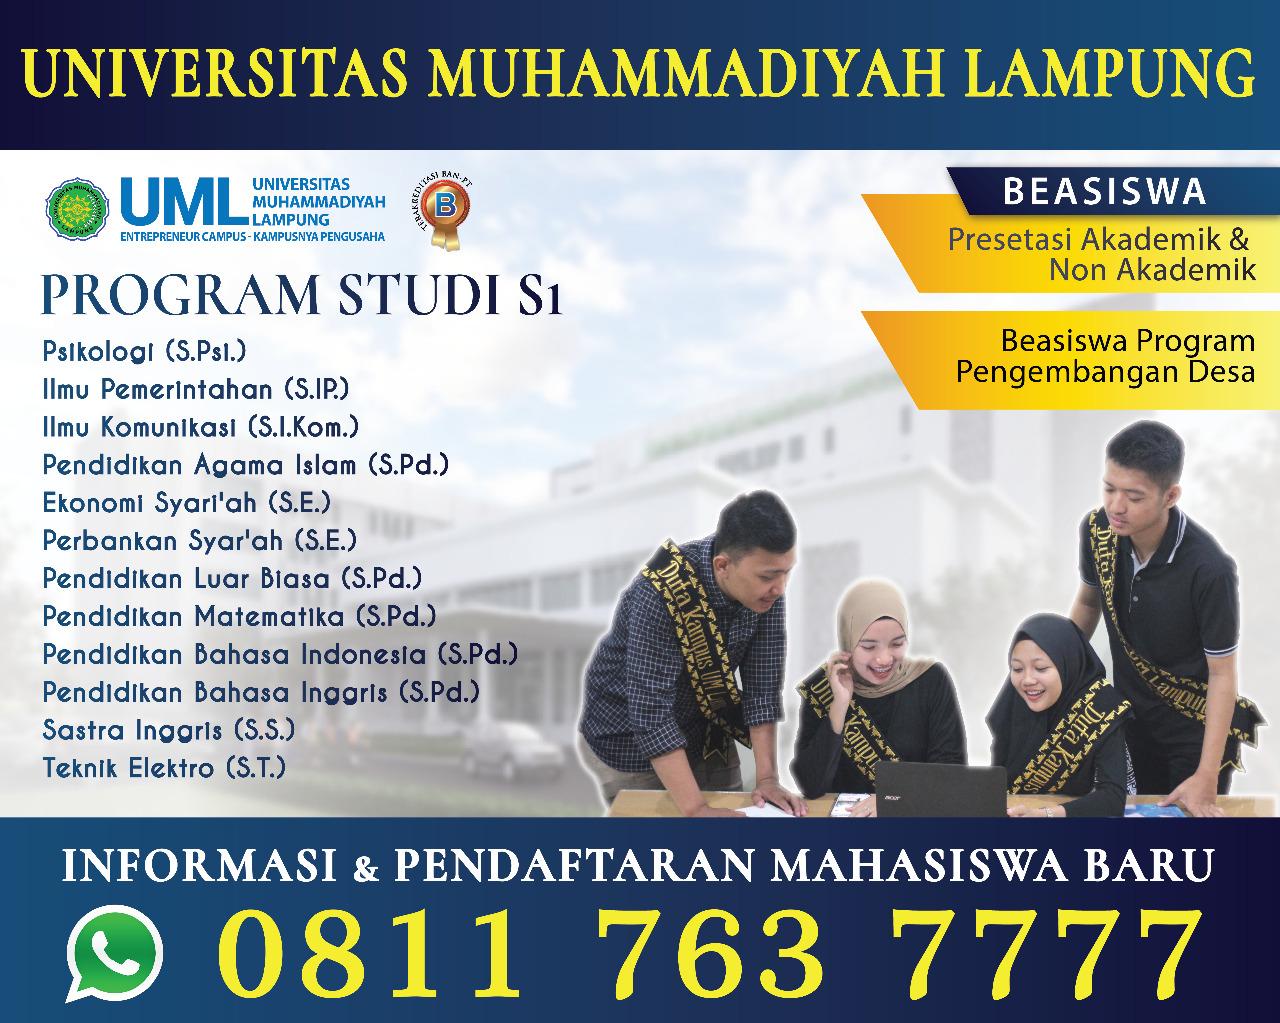 UNIVERSITAS MUHAMMADIYAH LAMPUNG